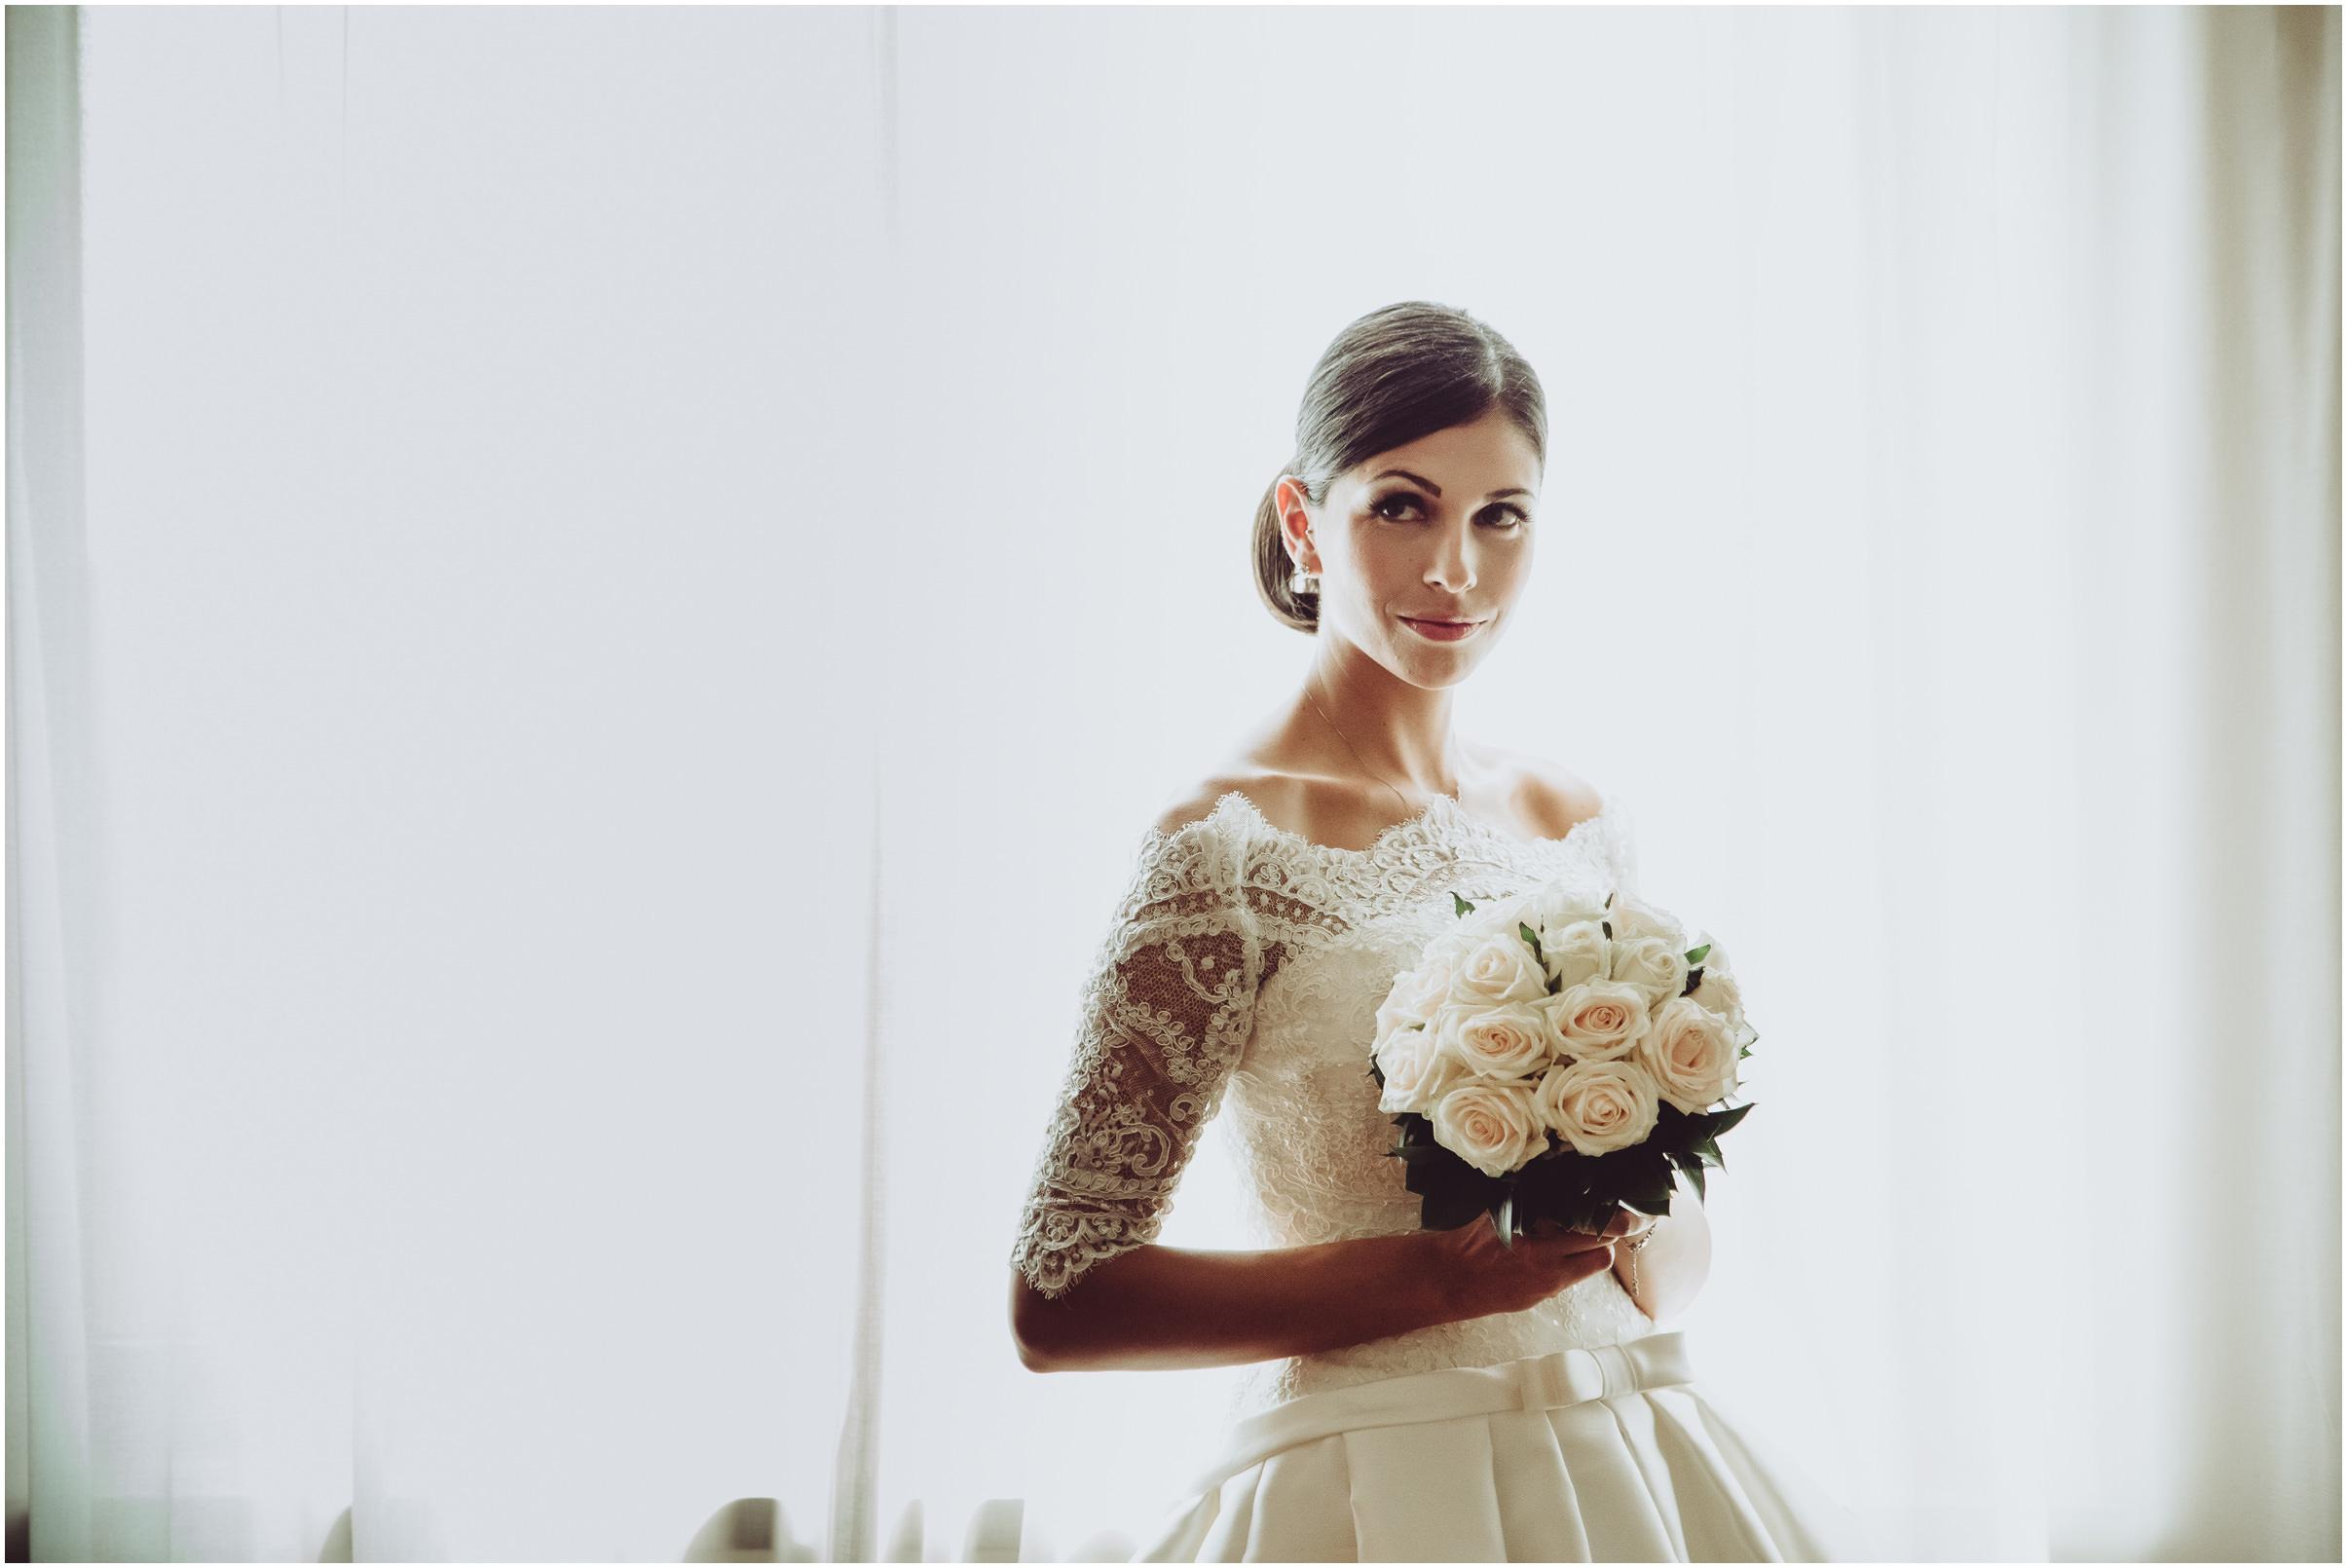 WEDDING-PHOTOGRAPHY-SARA-LORENZONI-FOTOGRAFIA-MATRIMONIO-AREZZO-TUSCANY-EVENTO-LE-SPOSE-DI-GIANNI-ELISA-LUCA011